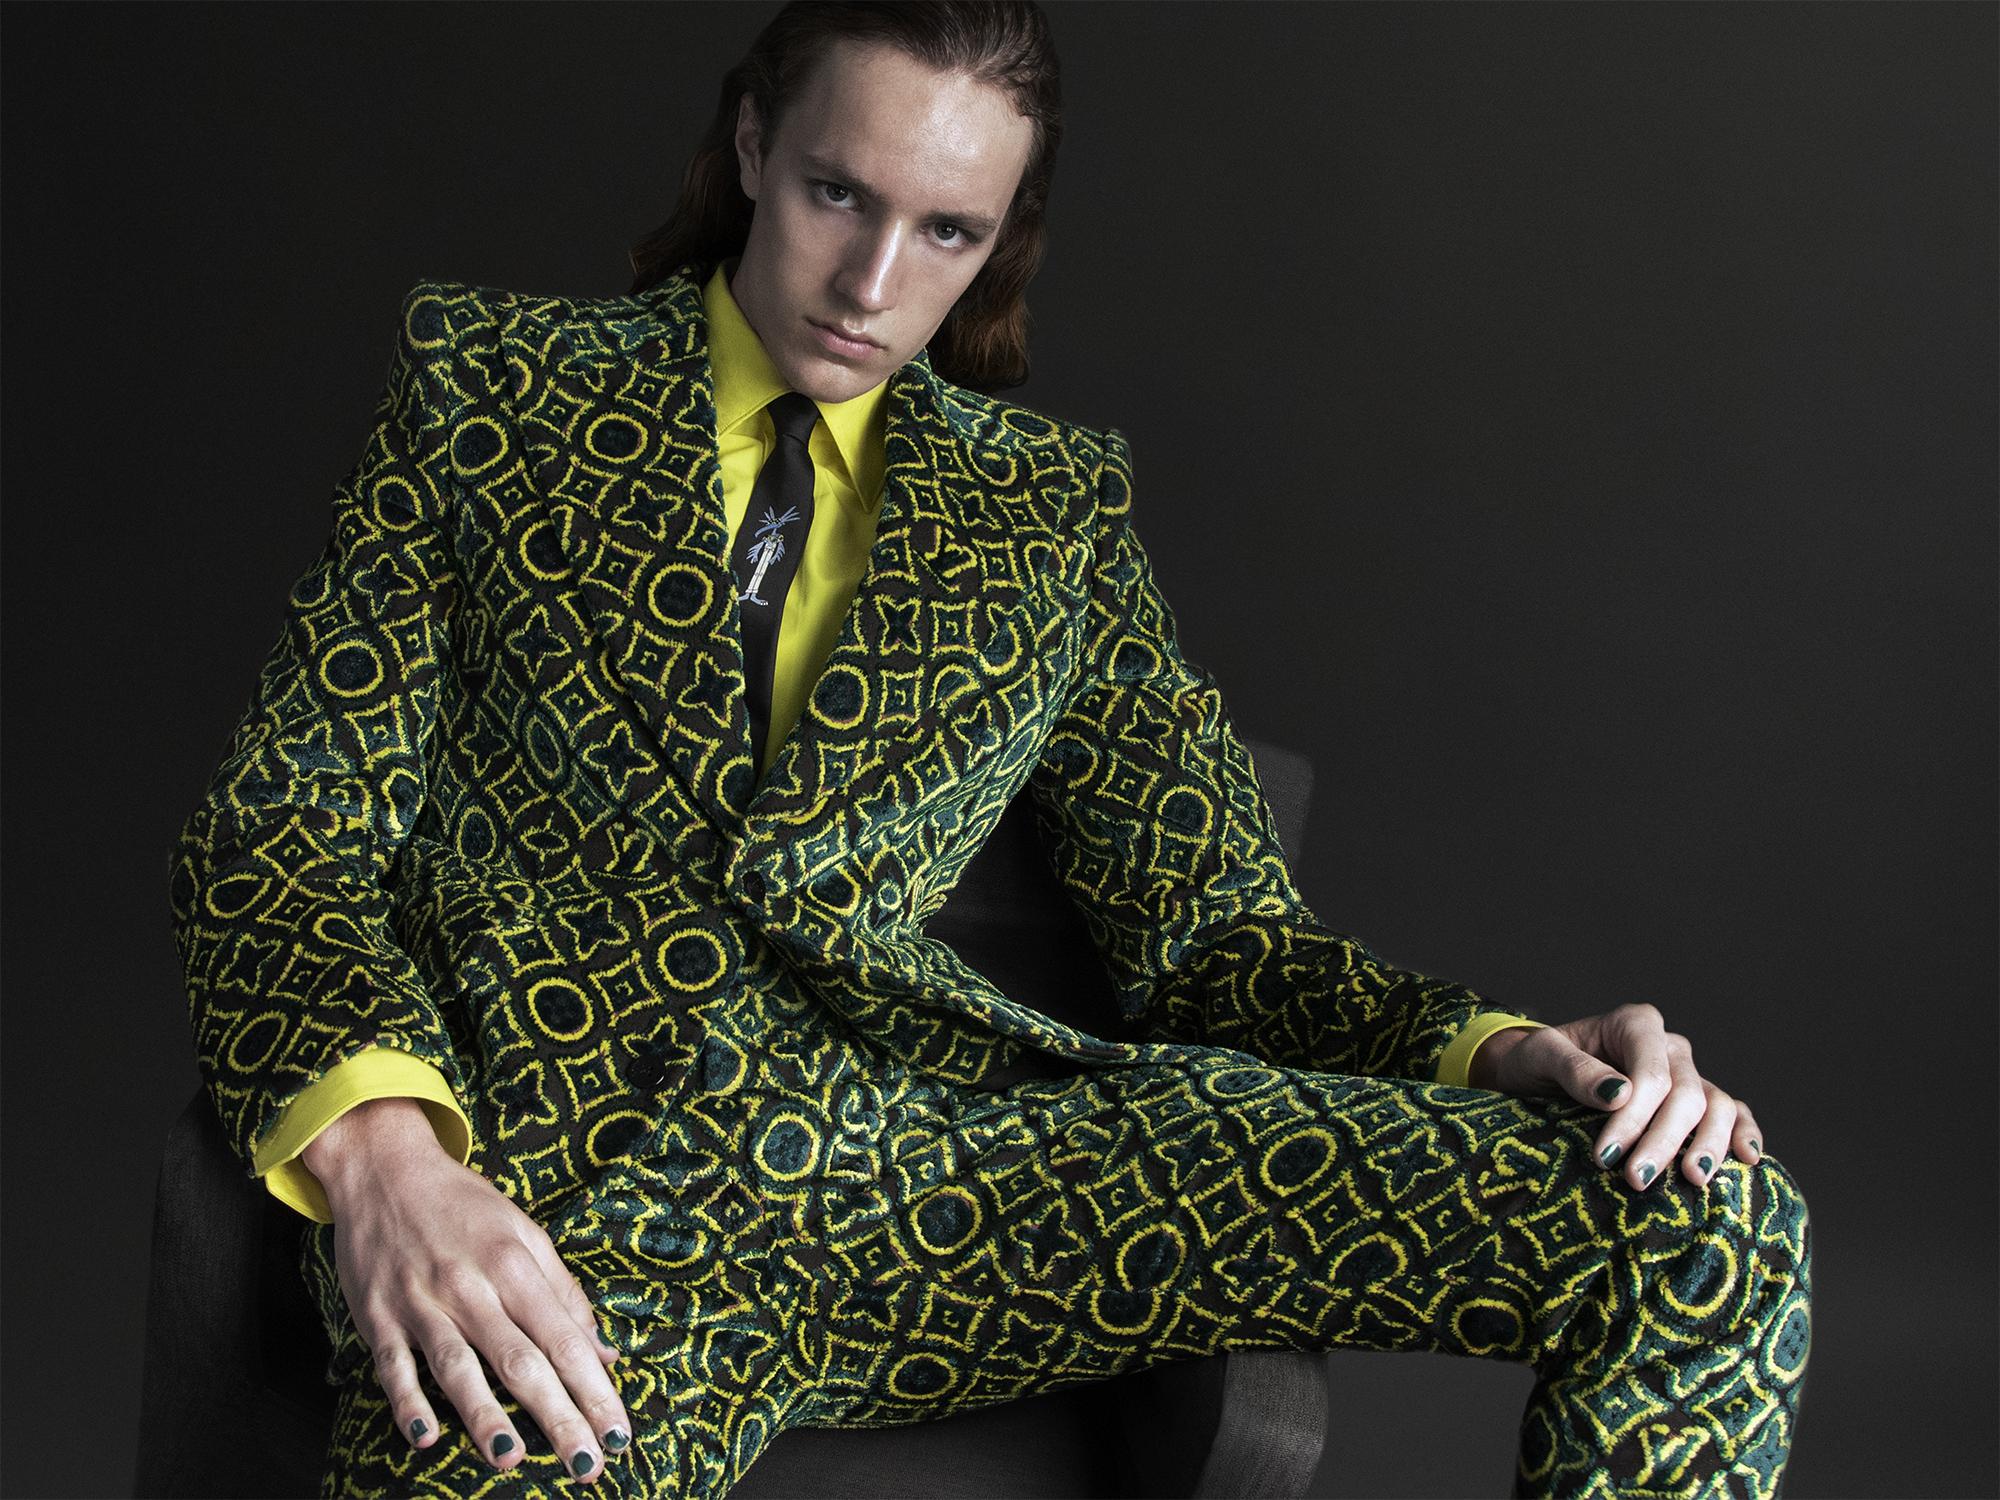 Cian @imgmodels @ciancm in Louis Vuitton Homme ©Buonomo & Cometti